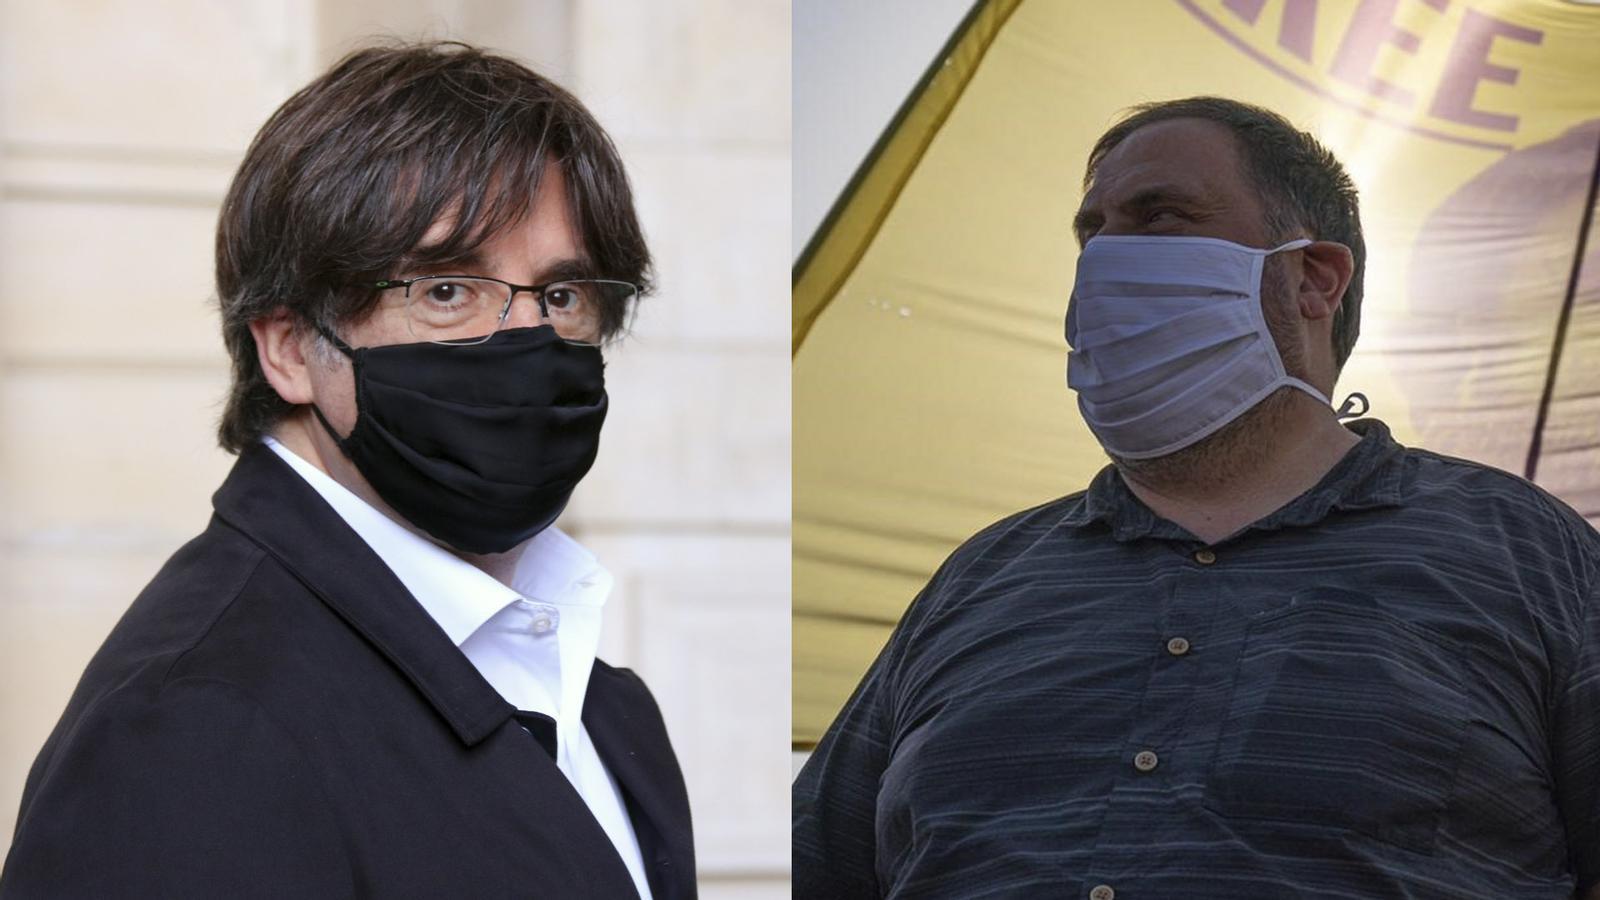 """L'anàlisi d'Antoni Bassas: """"Junqueras, Puigdemont i la """"confrontació que hauria estat intel·ligent"""""""